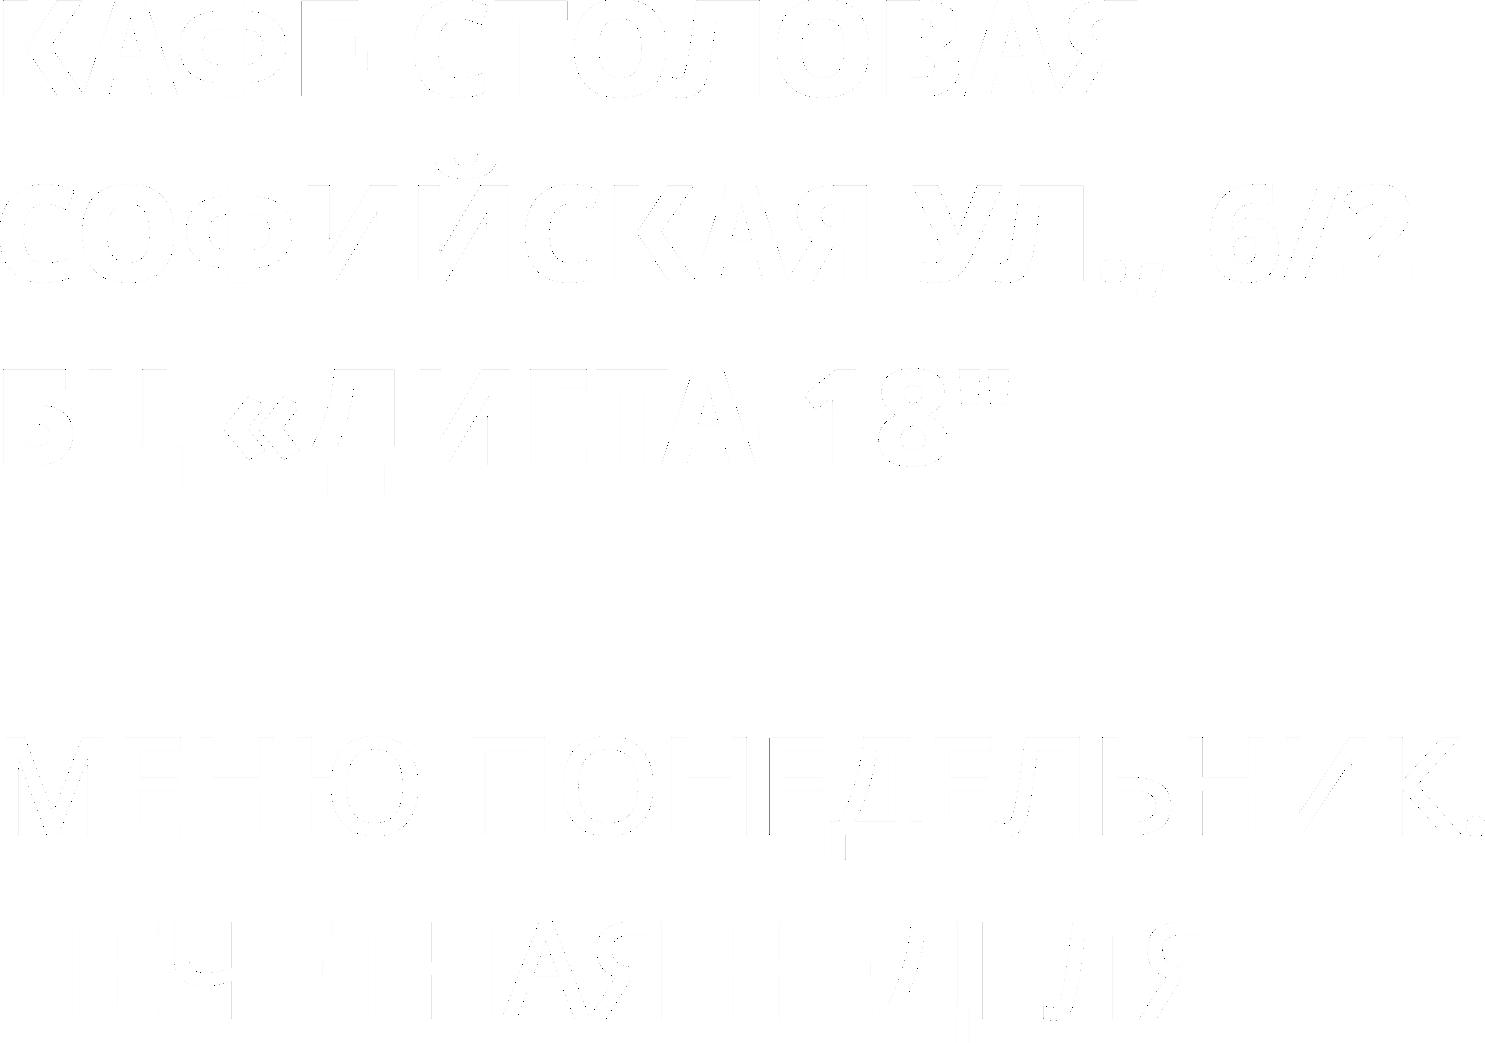 """КАФЕ-СТОЛОВАЯ СОФИЙСКАЯ УЛ., 6/2 БЦ """"ДИЕТА-18"""" МЕНЮ ПОНЕДЕЛЬНИК. НЕЧЕТНАЯ НЕДЕЛЯ"""